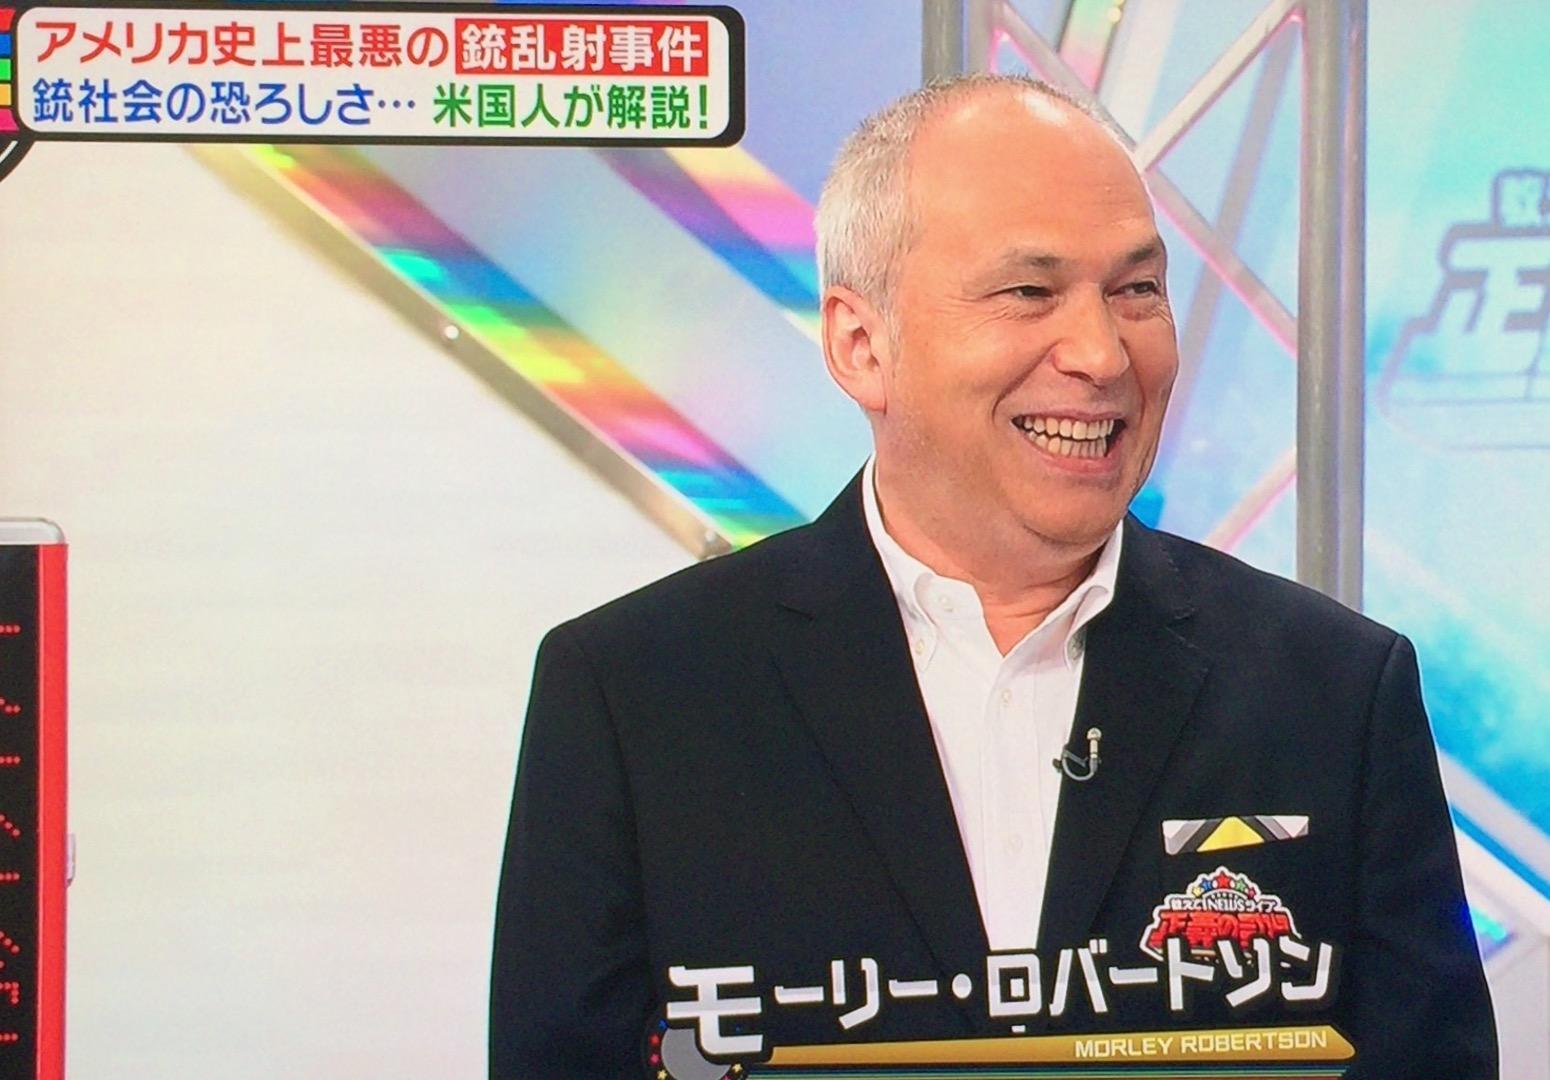 モーリー、朝日放送「教えて!NEWSライブ正義のミカタ」に生出演 ...